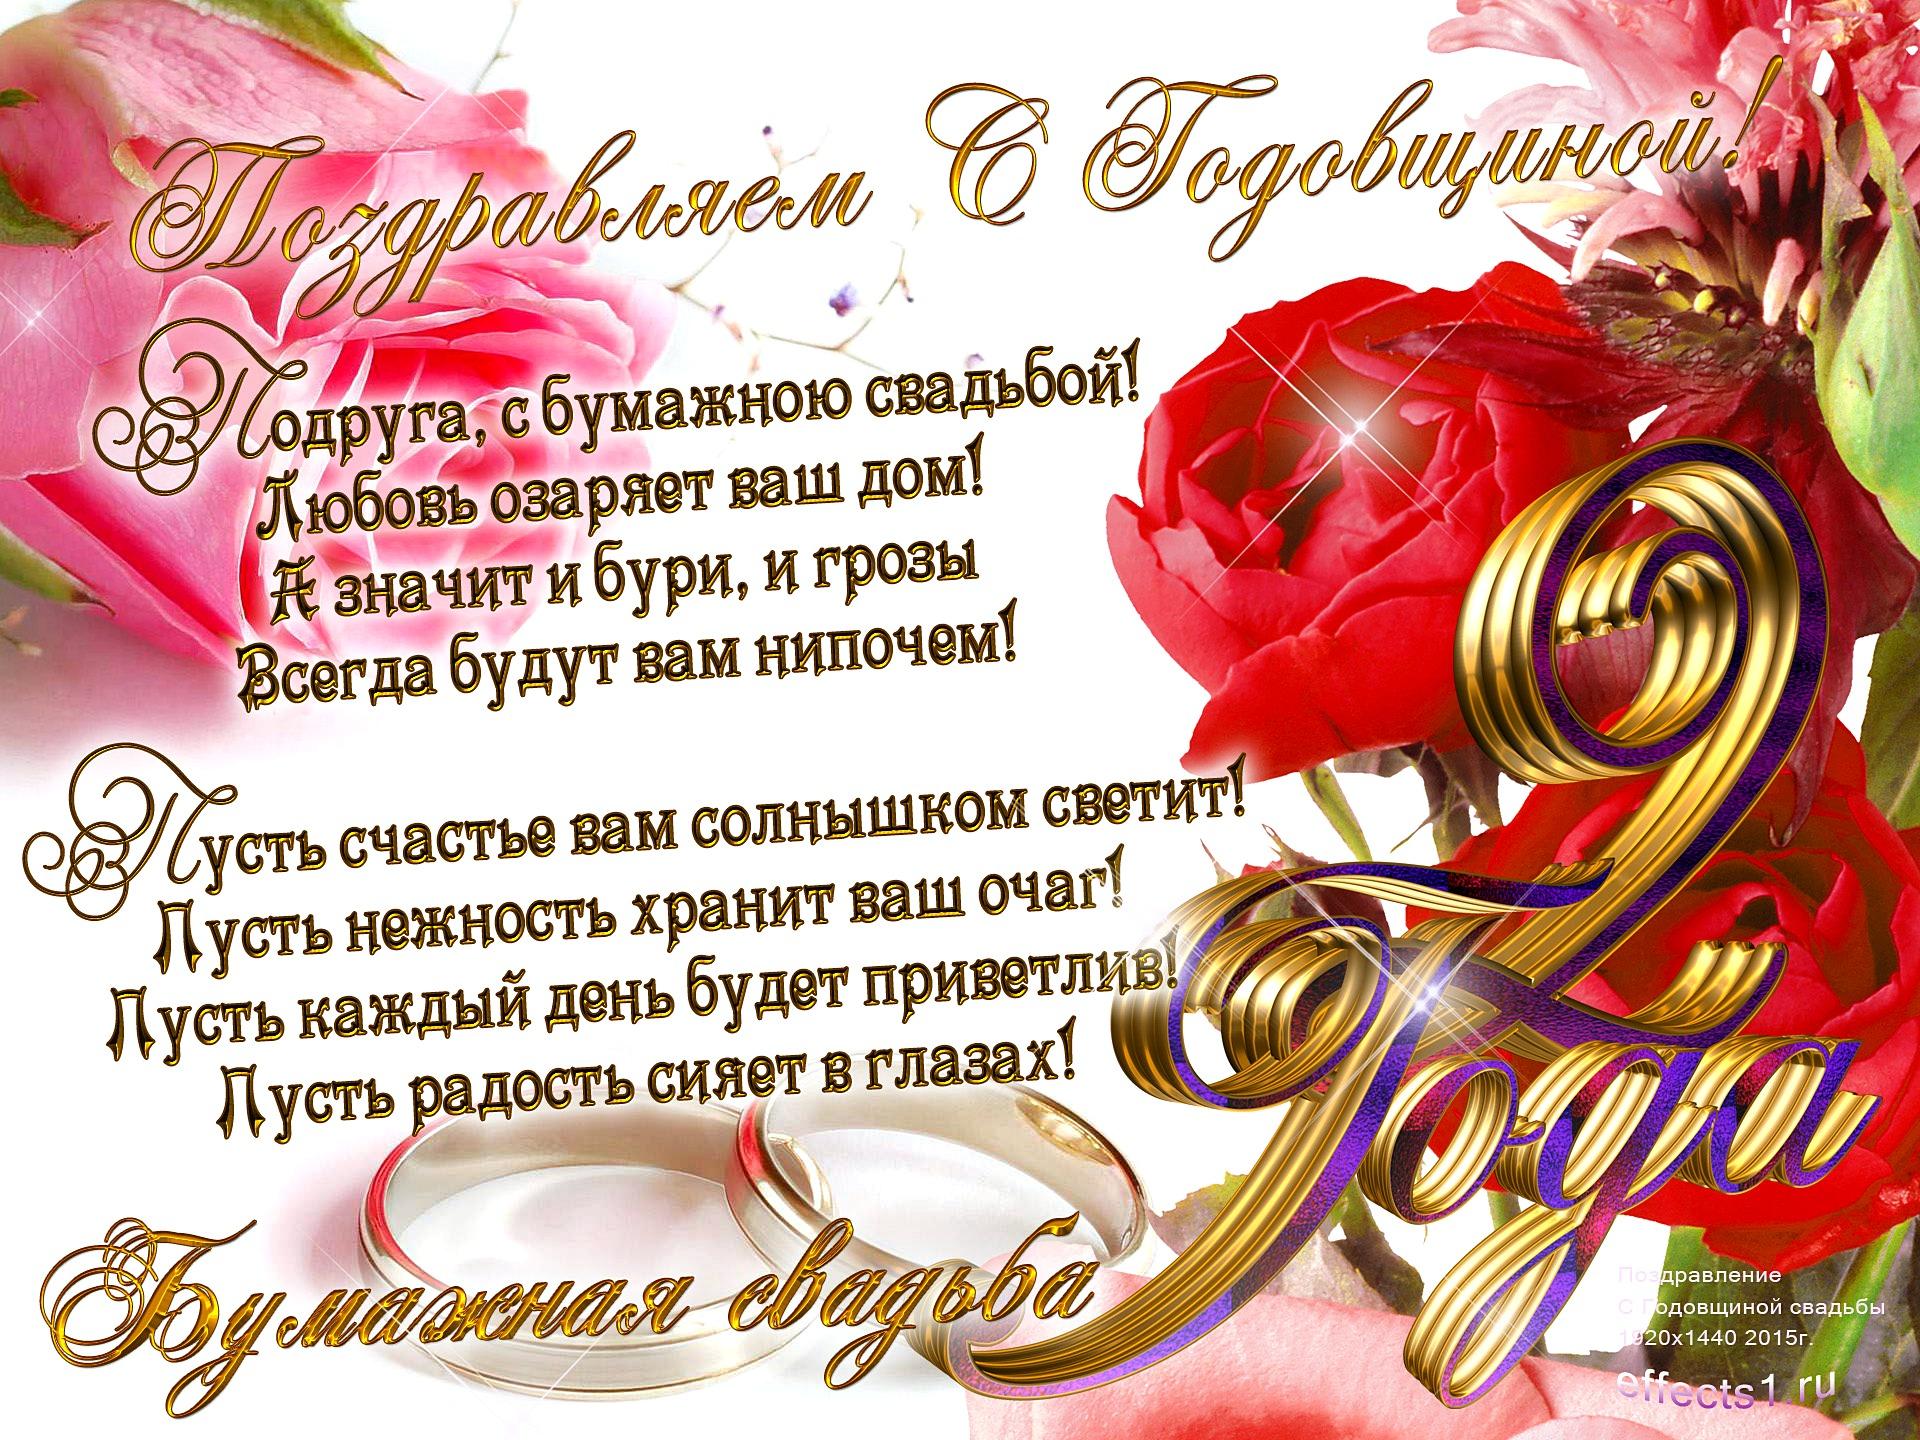 Поздравления с двухлетней годовщиной свадьбы